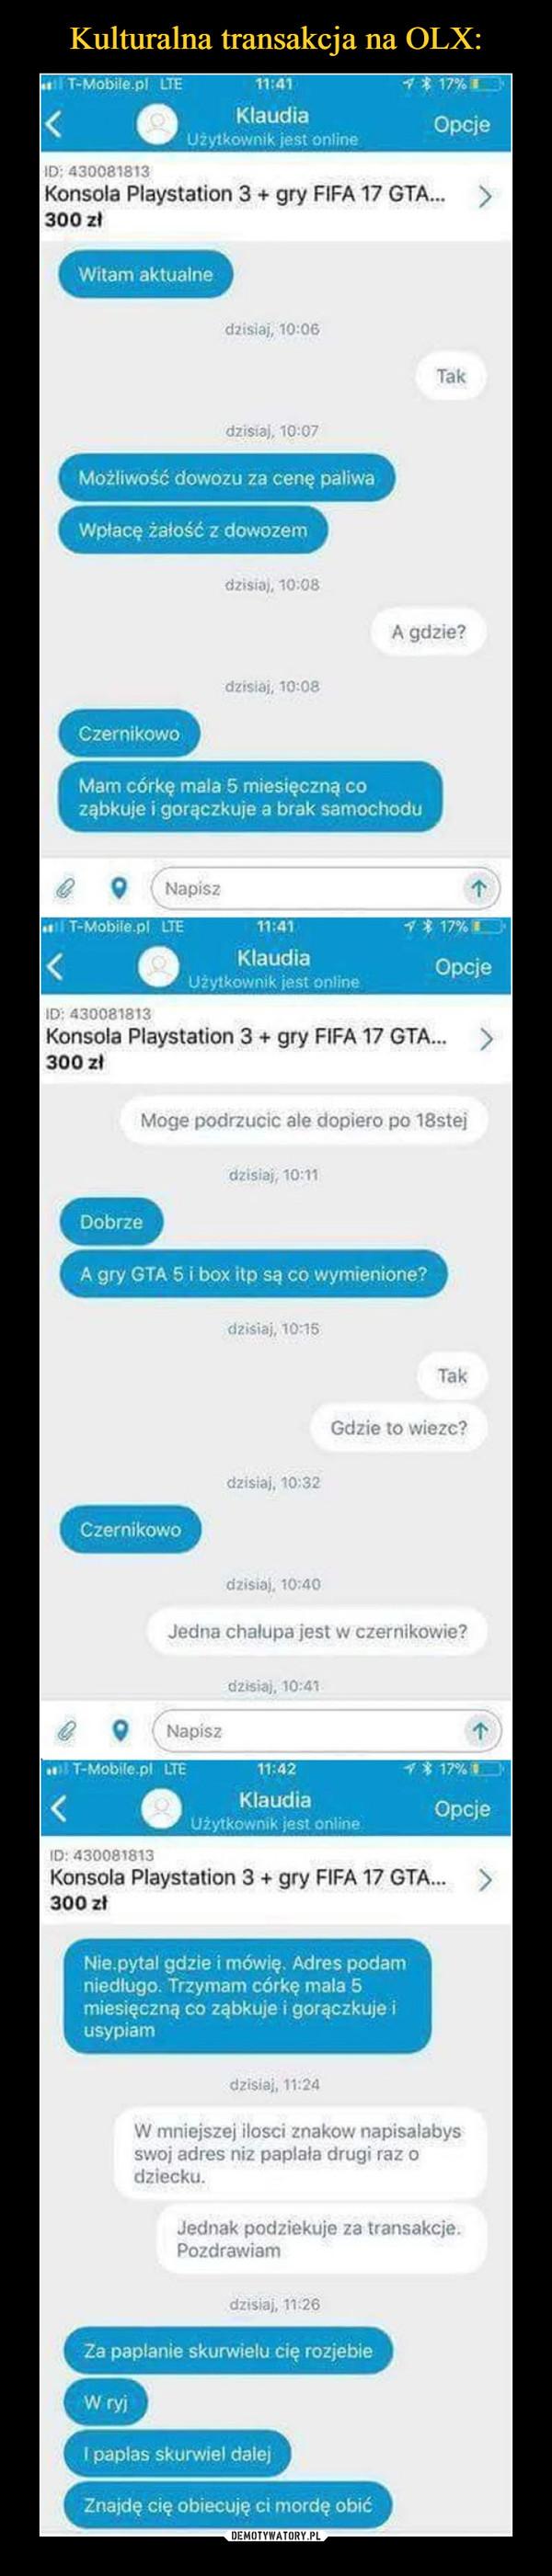 –  Konsola Playstation 3+ gry FIFA 17 GTA...>300 złWitam aktualnedzisiaj, 10:06Takdzisiaj, 10:07Możliwość dowozu za cenę paliwaWpłacę żałość z dowozemdzisiaj, 10:08A gdzie?dzisiaj, 10:08CzernikowoMam córkę mala 5 miesięczną coząbkuje i gorączkuje a brak samochodu9 (Napisz11:41KlaudiaUżytkownik jest onlineT-Mobile.pl LTEOpcjeID; 430081813Konsola Playstation 3+gry FIFA 17 GTA.>300 zMoge podrzucic ale dopiero po 18stejdzisiaj, 10:11DobrzeA gry GTA 5 i box itp są co wymienione?dzisiaj, 10:15TakGdzie to wiezc?dzisiaj, 10:32Czernikowodzisiaj, 10:40Jedna chalupa jest w czernikowie?Konsola Playstation 3+ gry FIFA 17 GTA.>300 złNie.pytal gdzie i mówię. Adres podamniedługo. Trzymam córkę mala 5miesięczną co ząbkuje i gorączkuje iusypiamdzisiaj, 11:24W mniejszej ilosci znakow napisalabysswoj adres niz paplała drugi raz odziecku.Jednak podziekuje za transakcje.Pozdrawiamdzisiaj, 11:26Za paplanie skurwielu cię rozjebieW ryjI paplas skurwiel dalejZnajdę cię obiecuję ci mordę obić